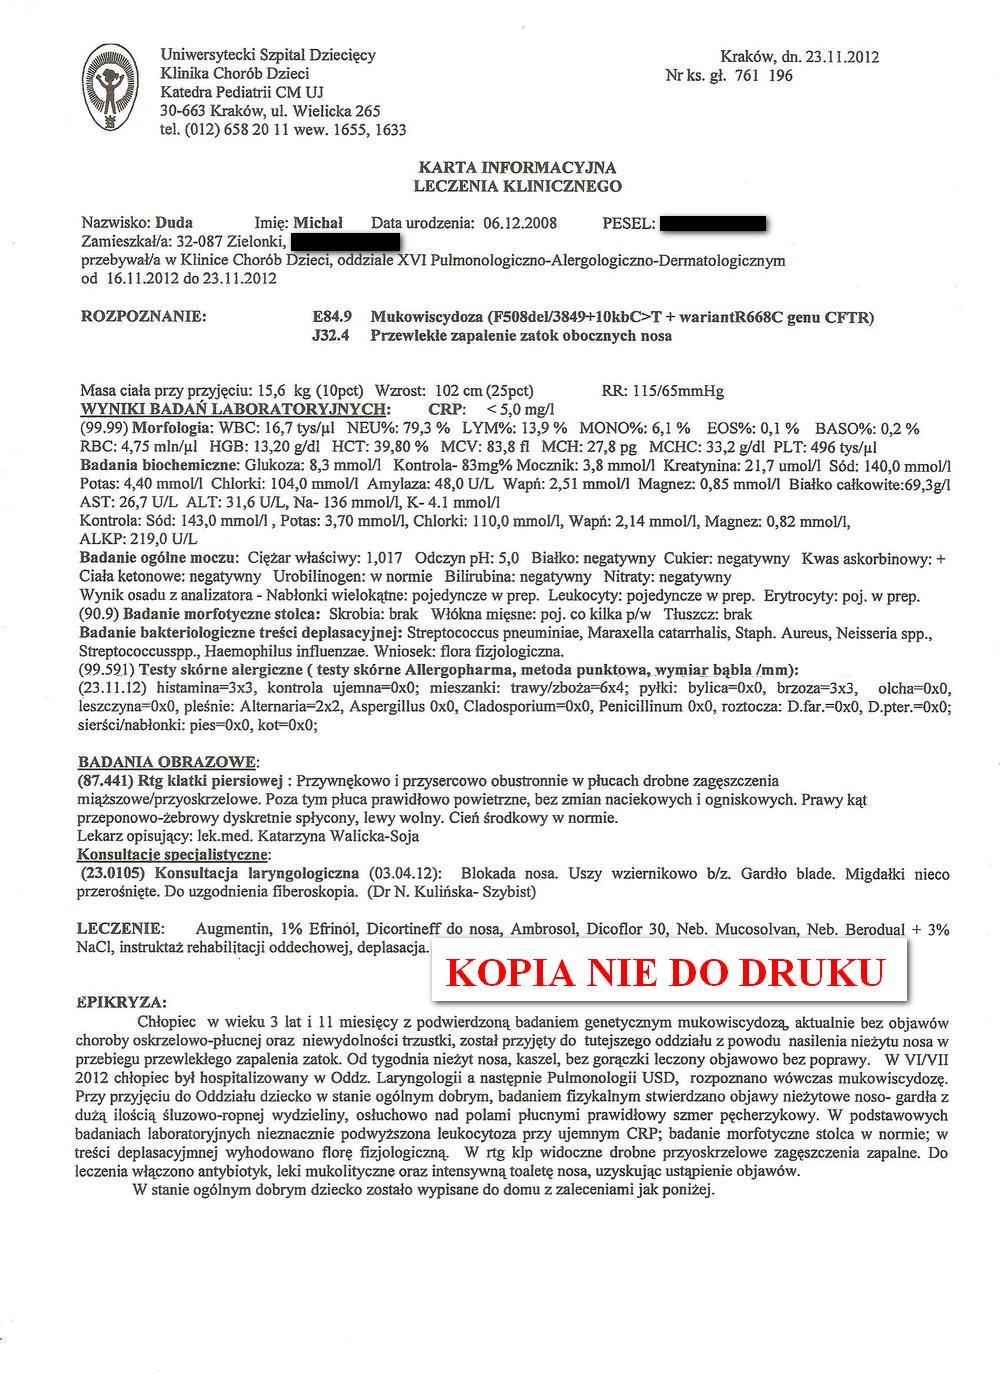 karta leczenia klinicznego USD w Krakowie 3